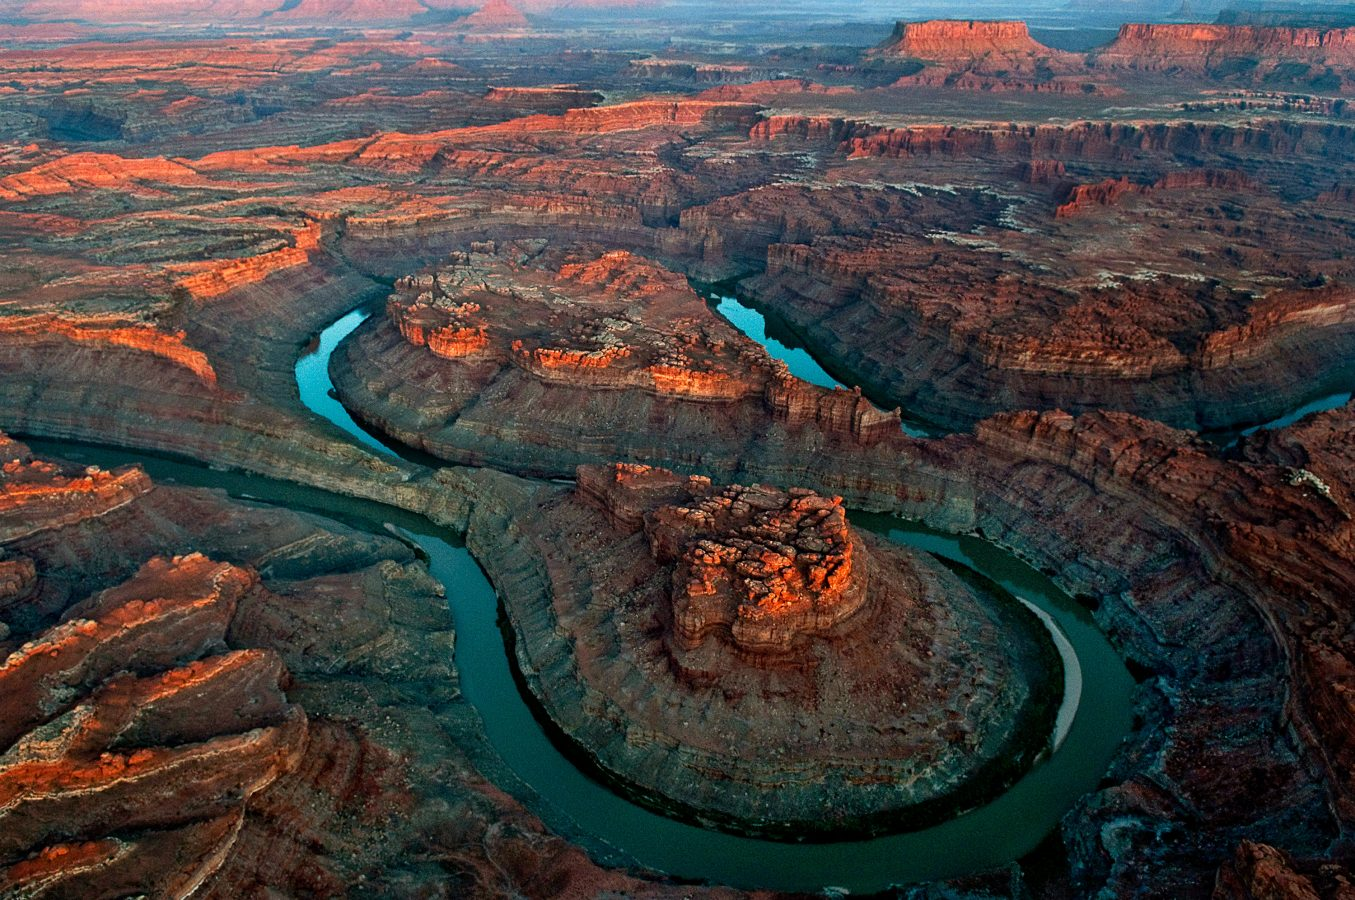 美國國家公園|峽谷地國家公園